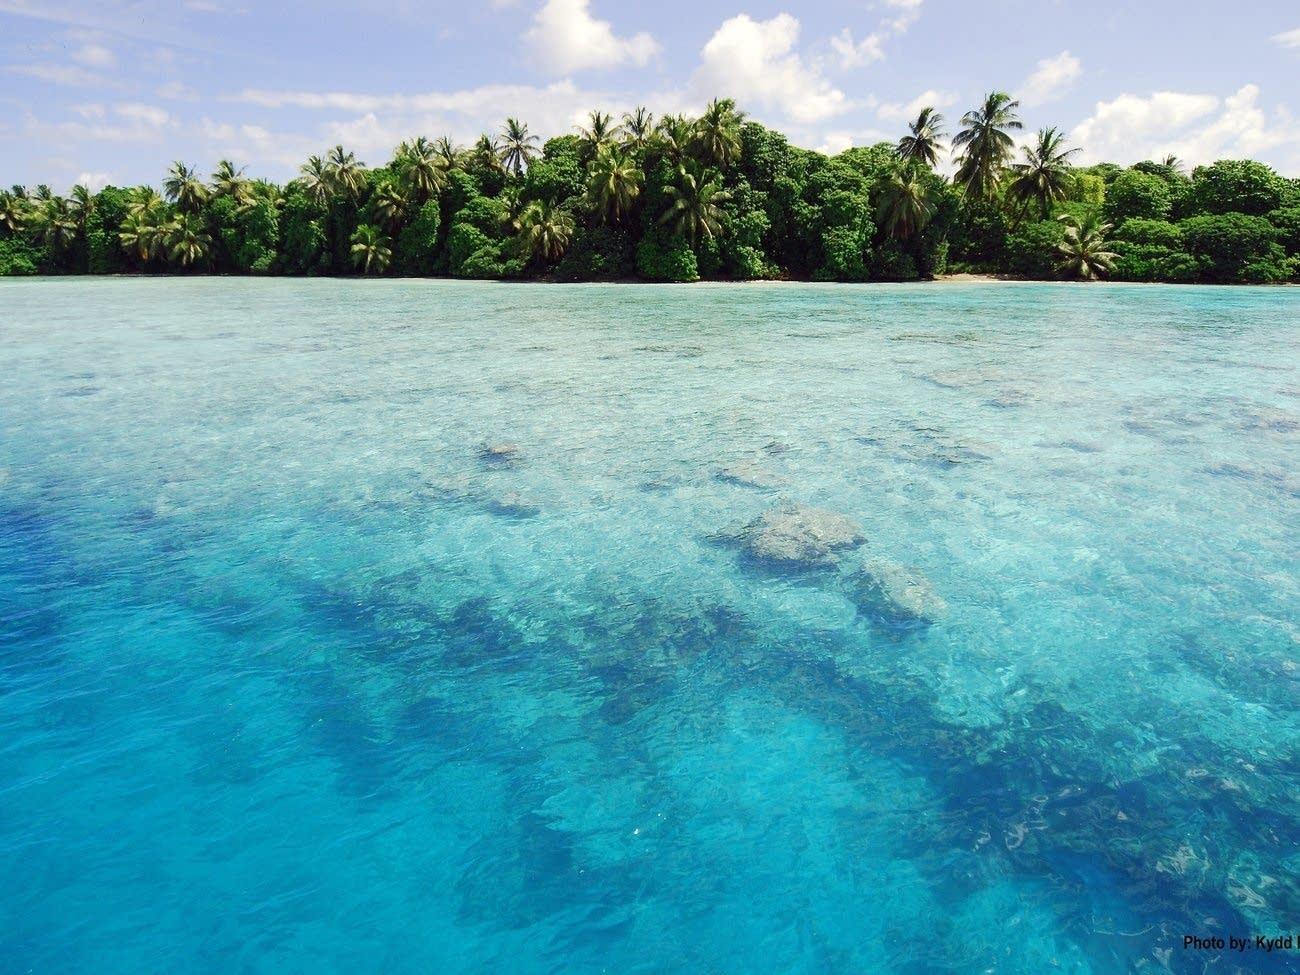 Pacific Remote Islands